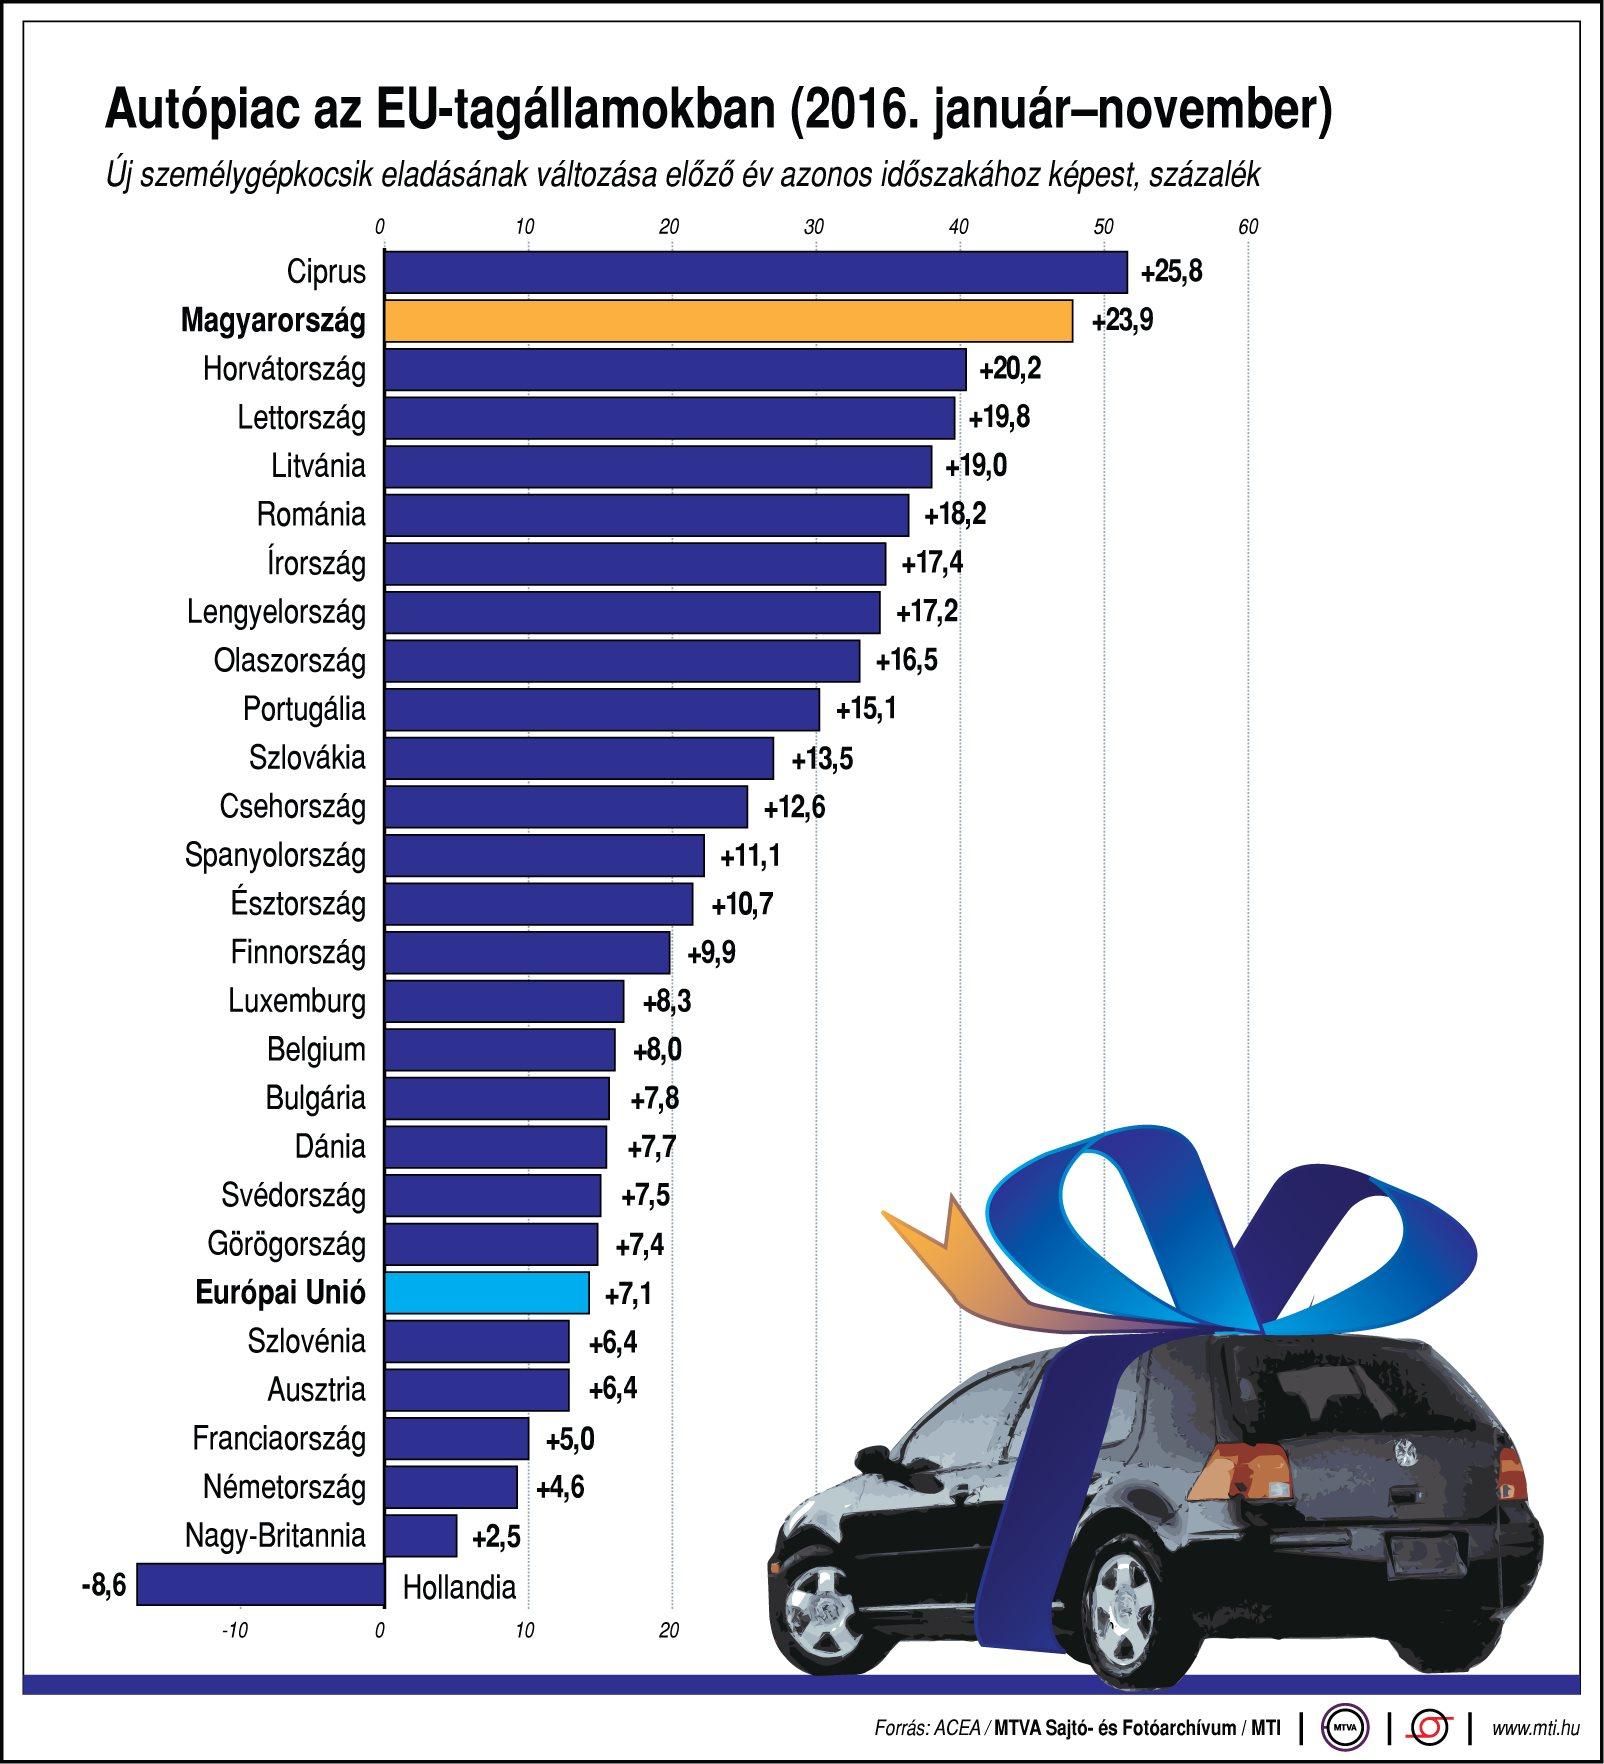 Autópiac az EU-tagállamokban - ábra